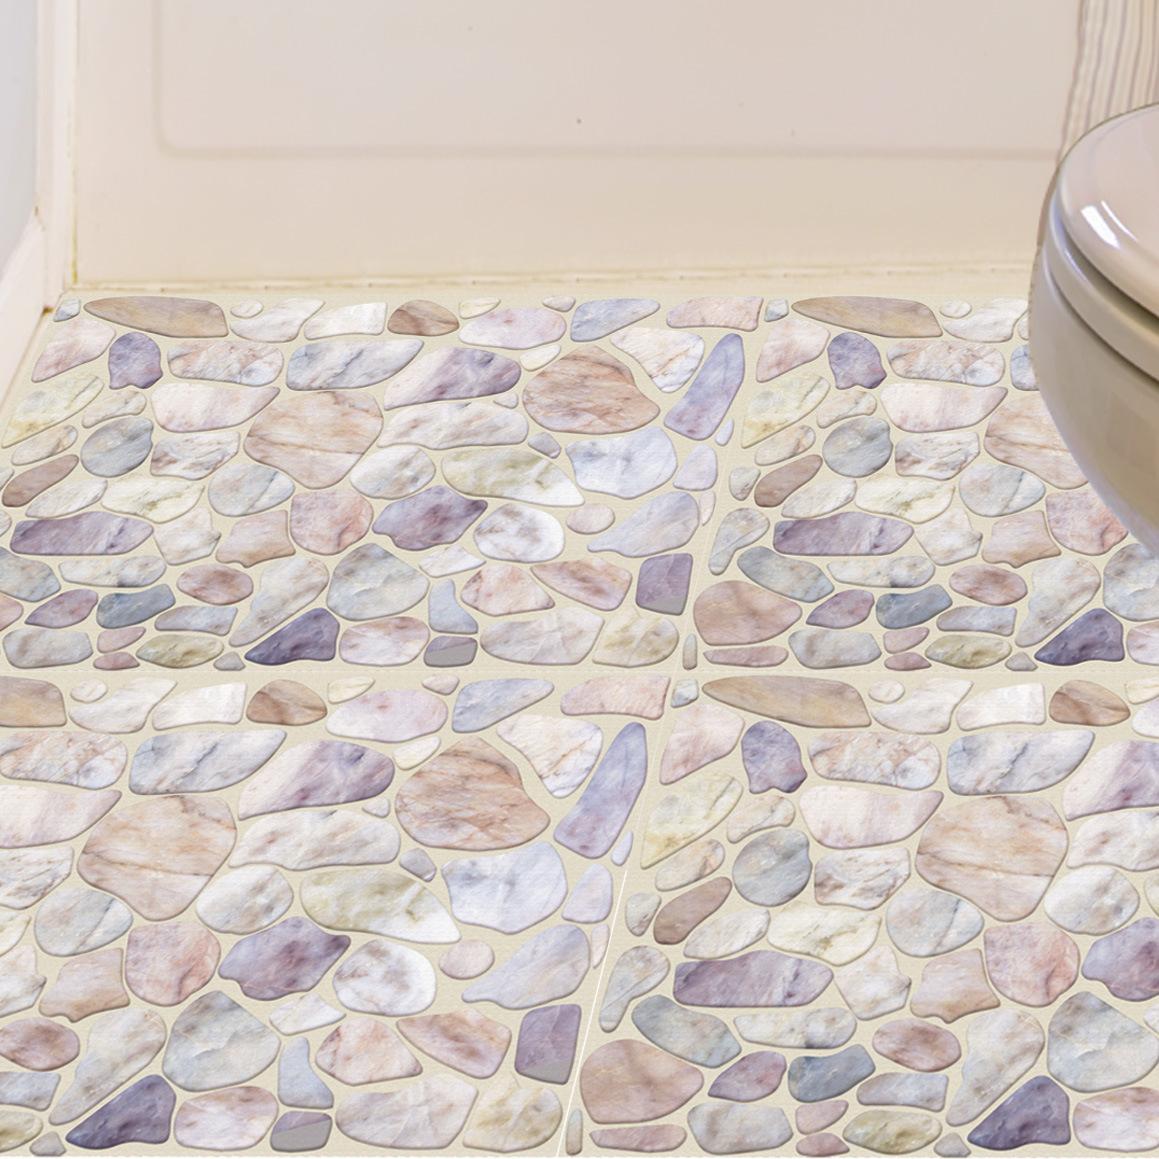 卫生间地面翻新防水耐磨瓷砖贴纸厕所地板自粘地贴浴室3D立体墙贴